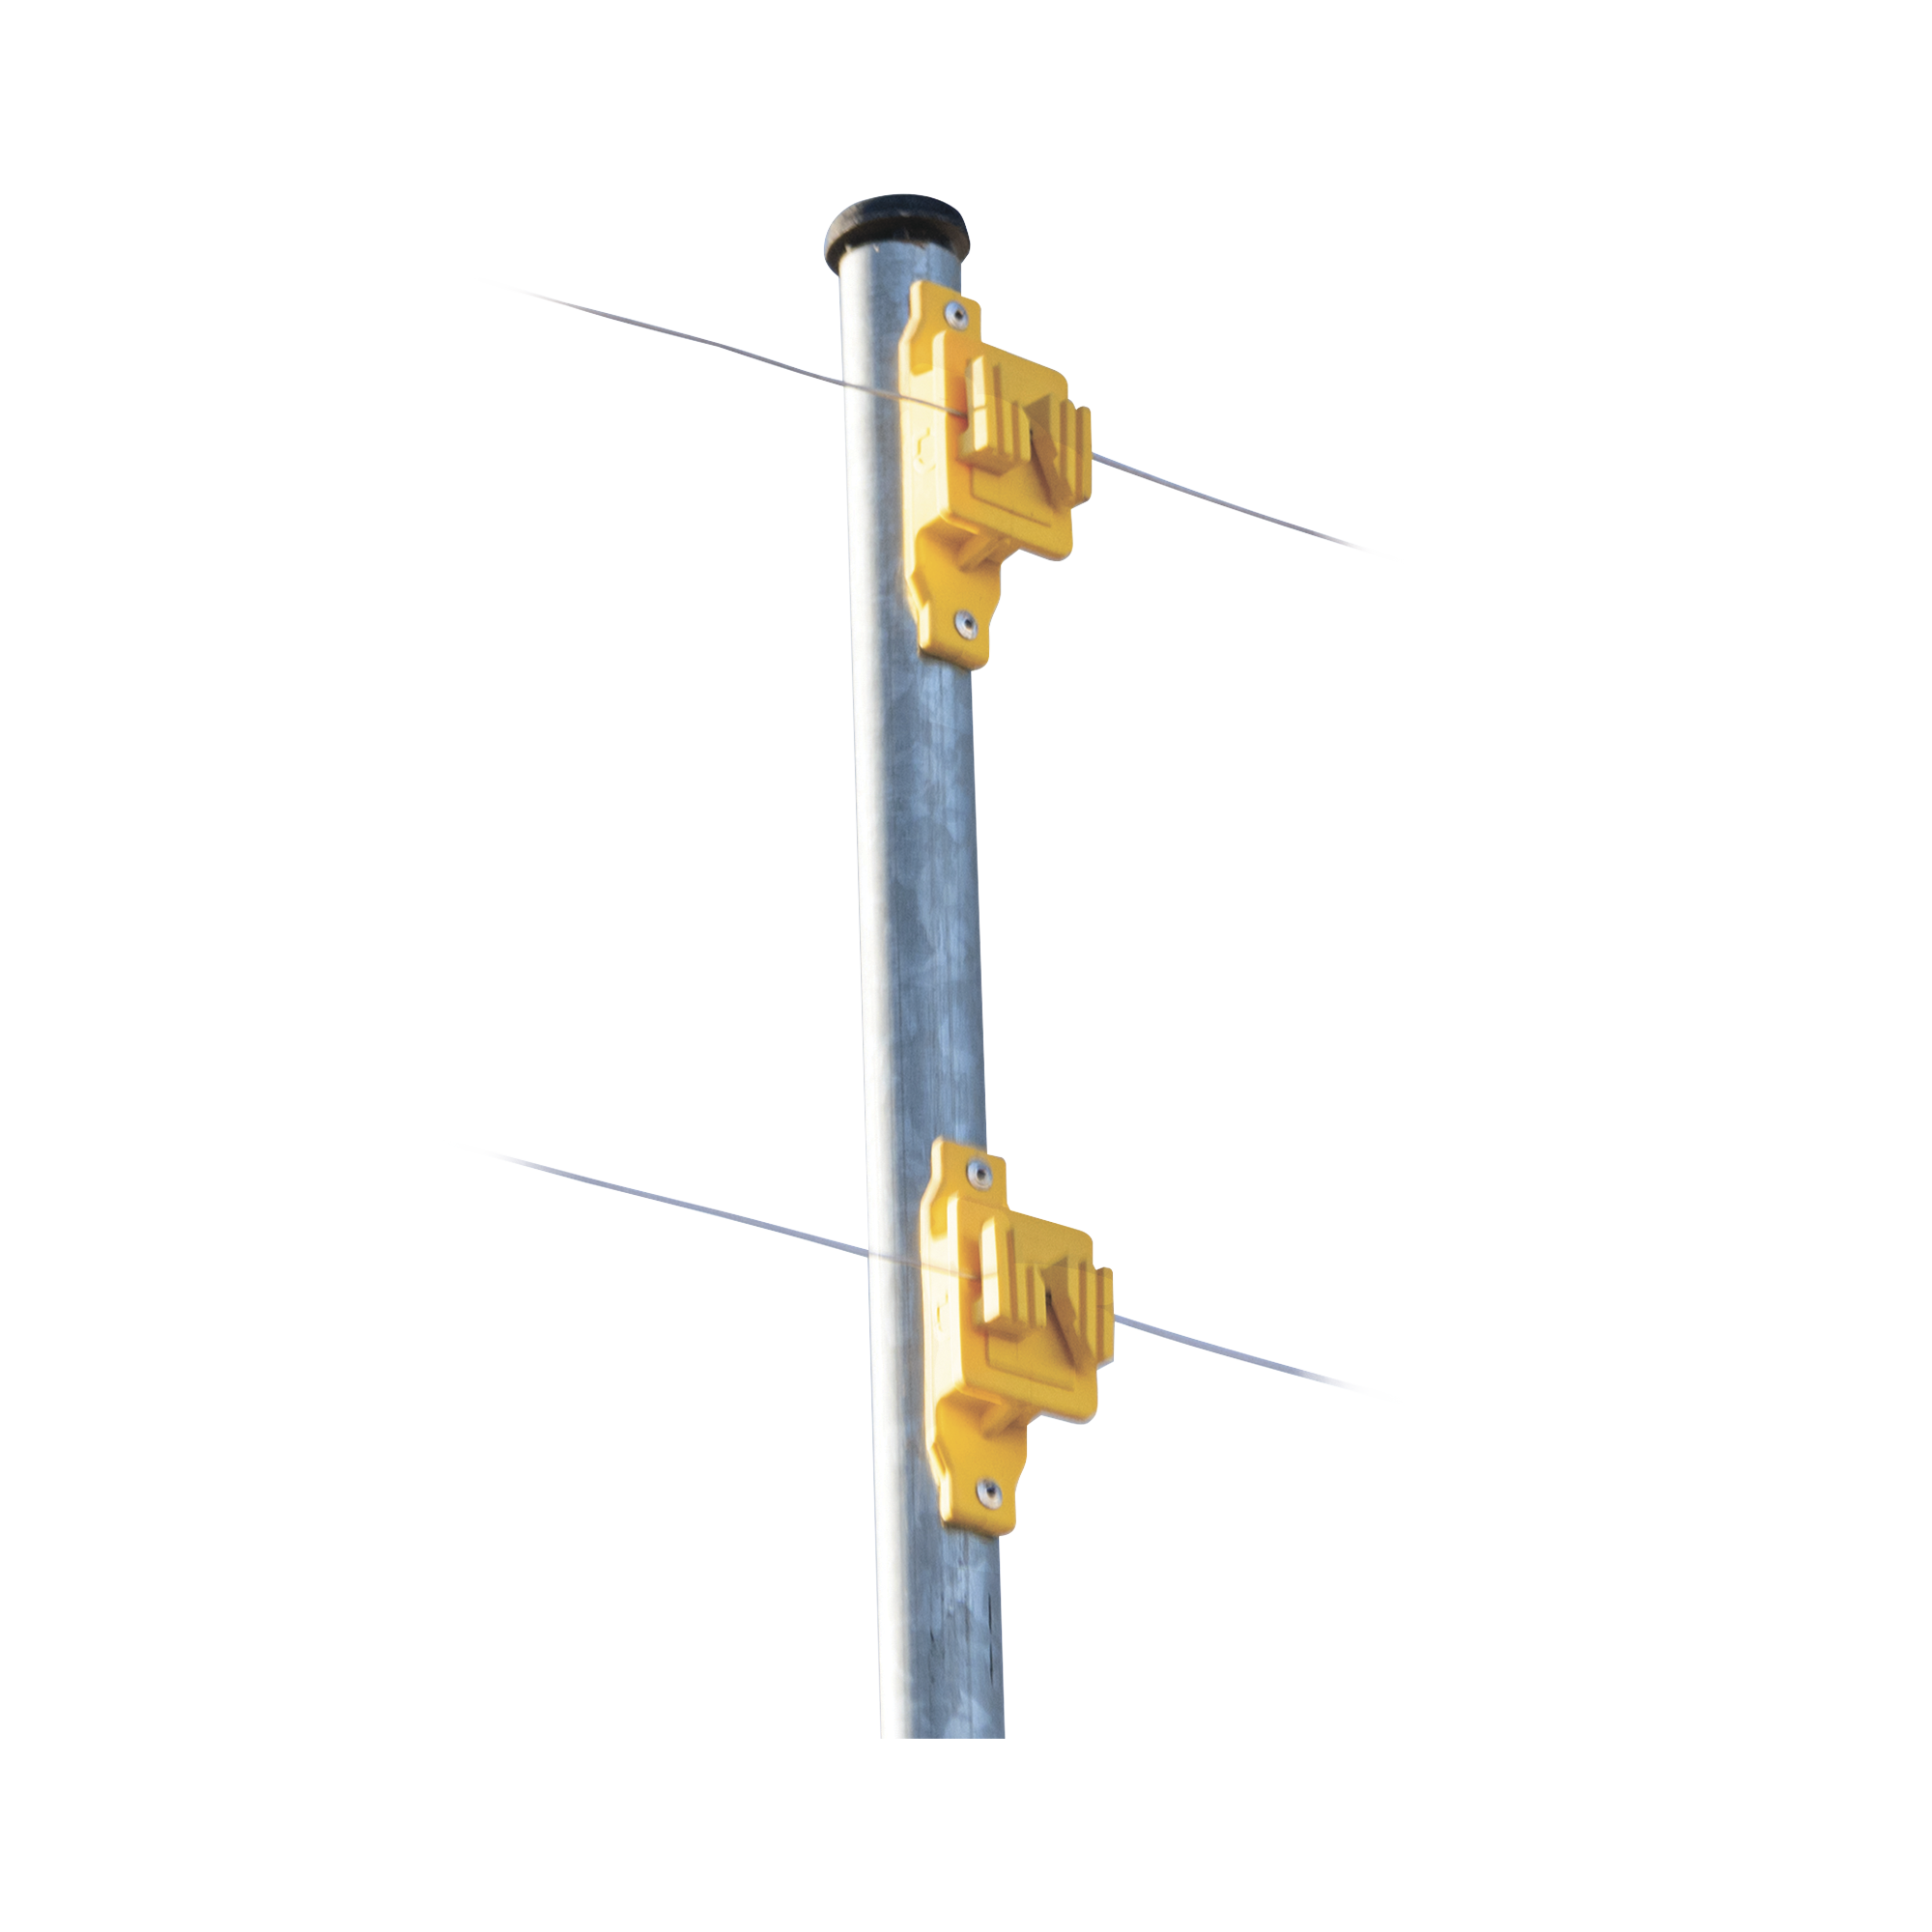 Aislador de Paso color Amarillo reforzado para cercos eléctricos, resistente al clima extremoso